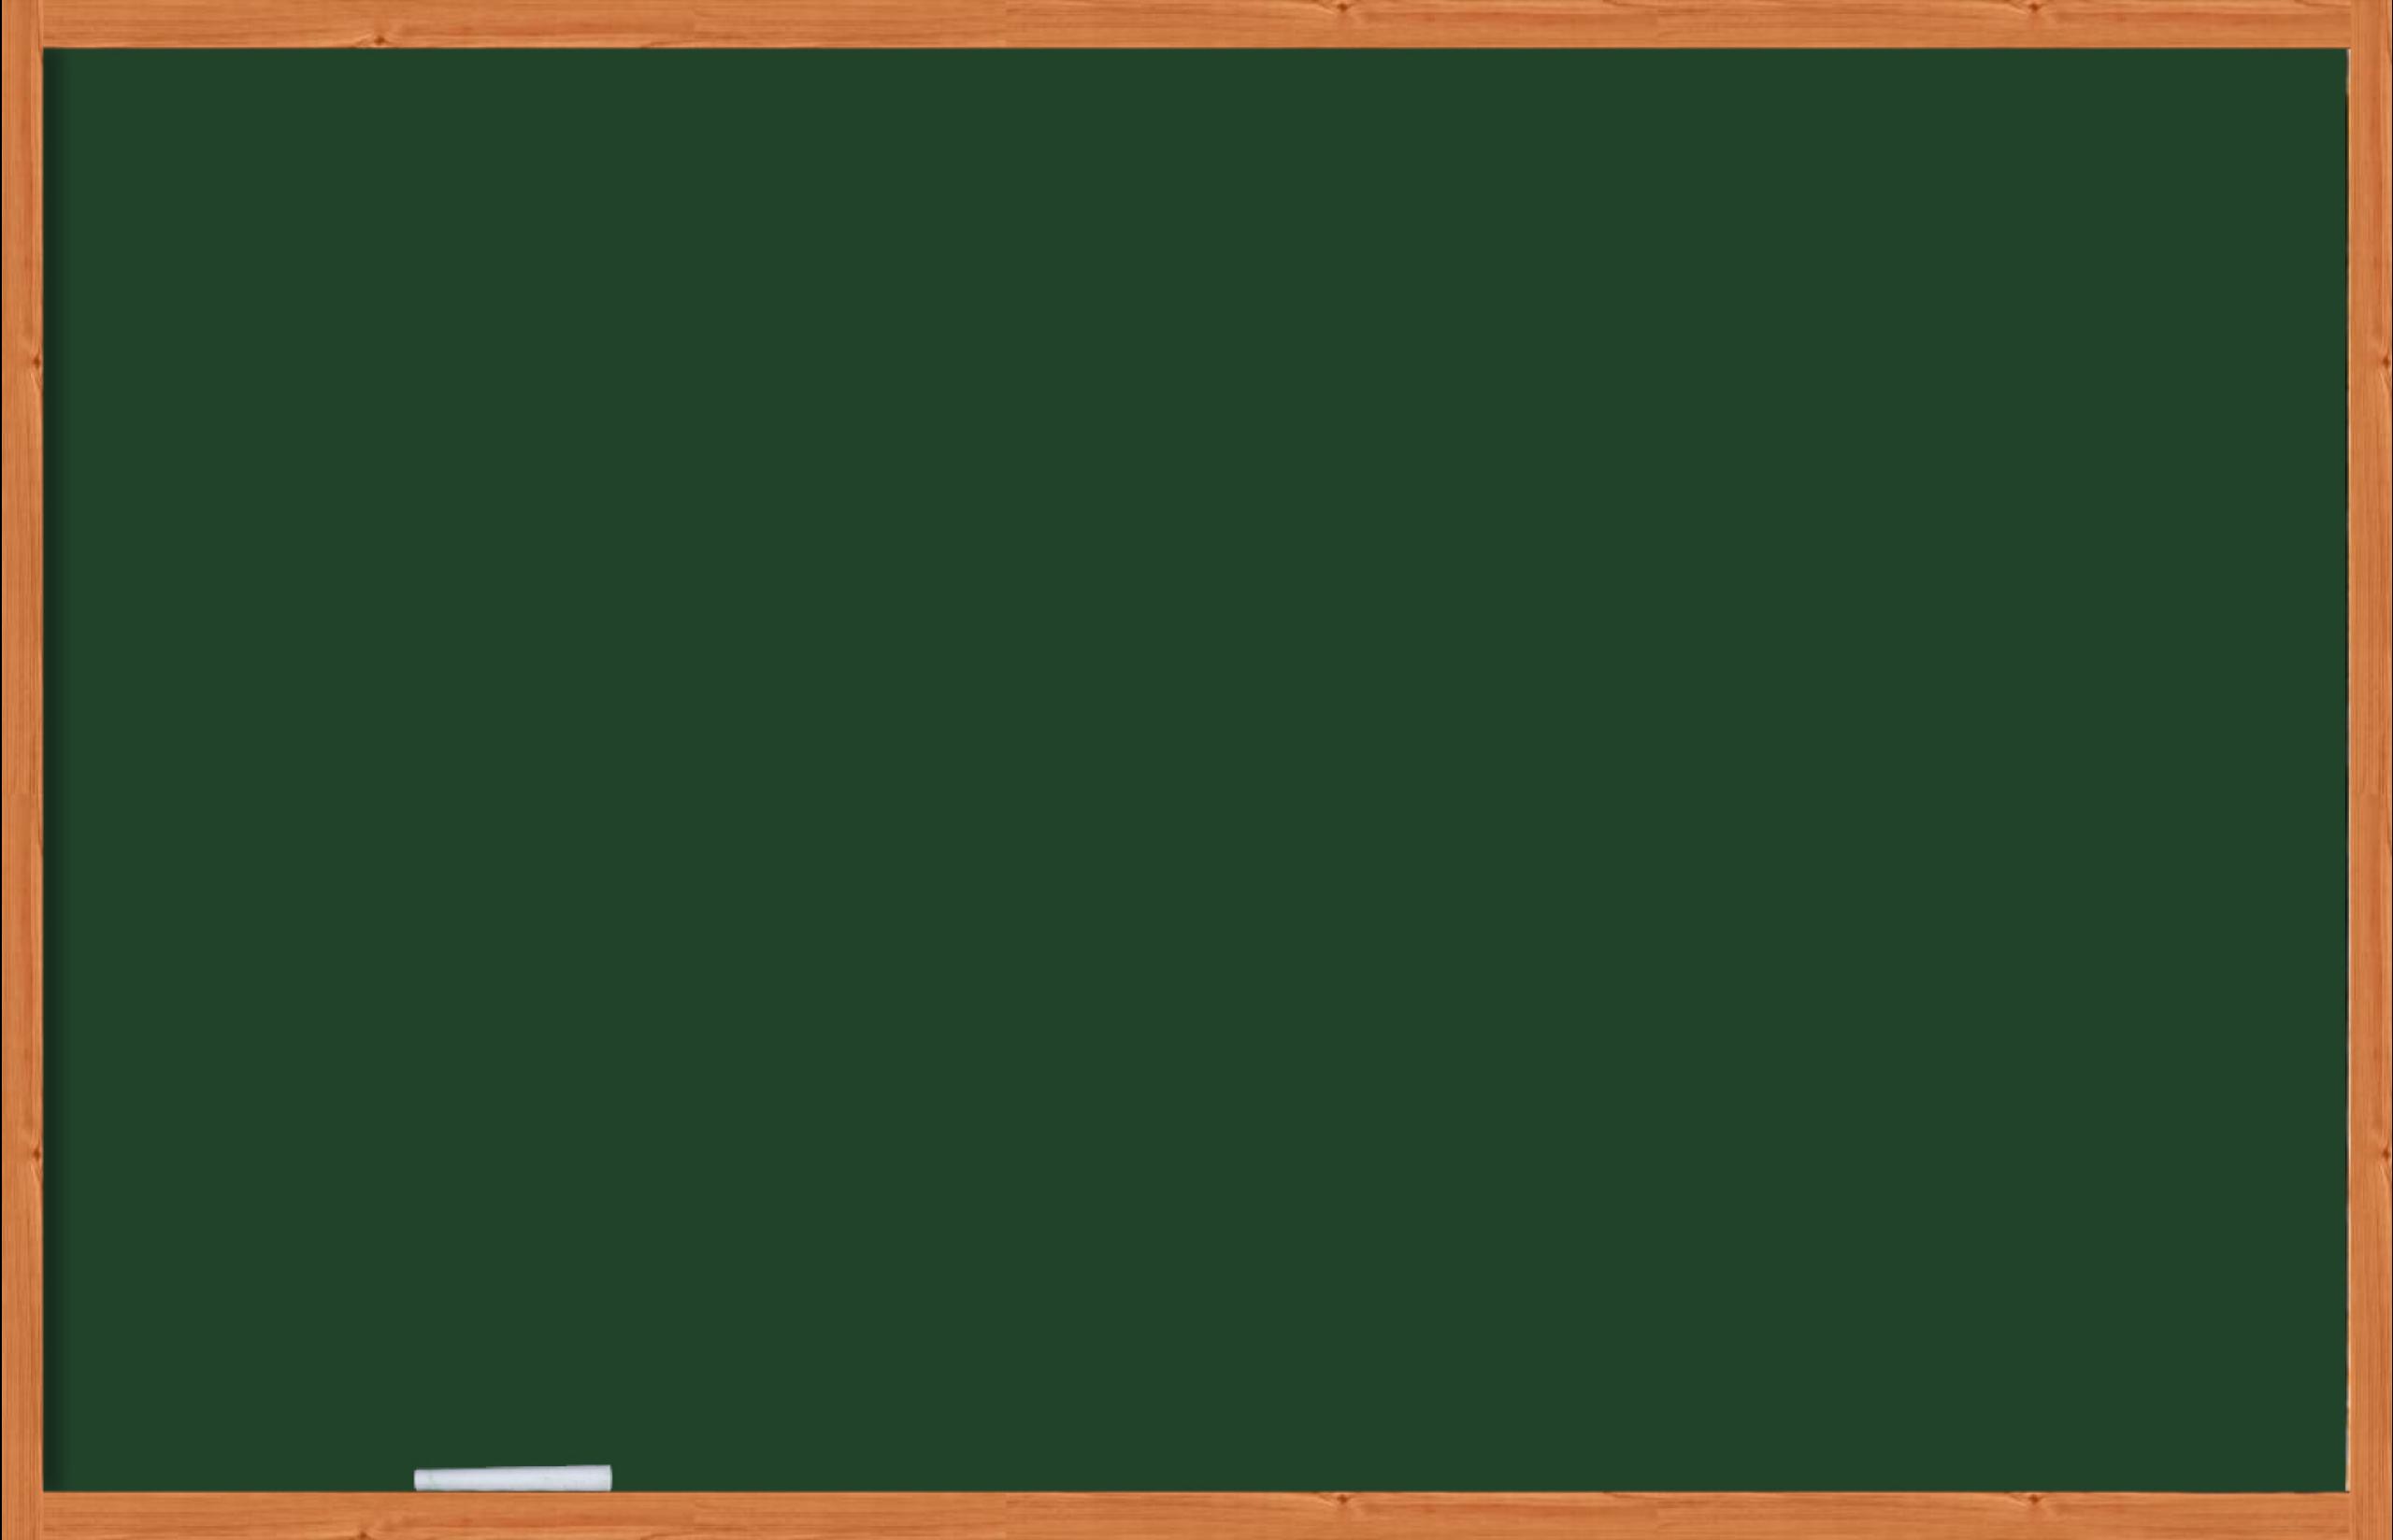 高中数学-二次函数与幂函数-虎斑教育